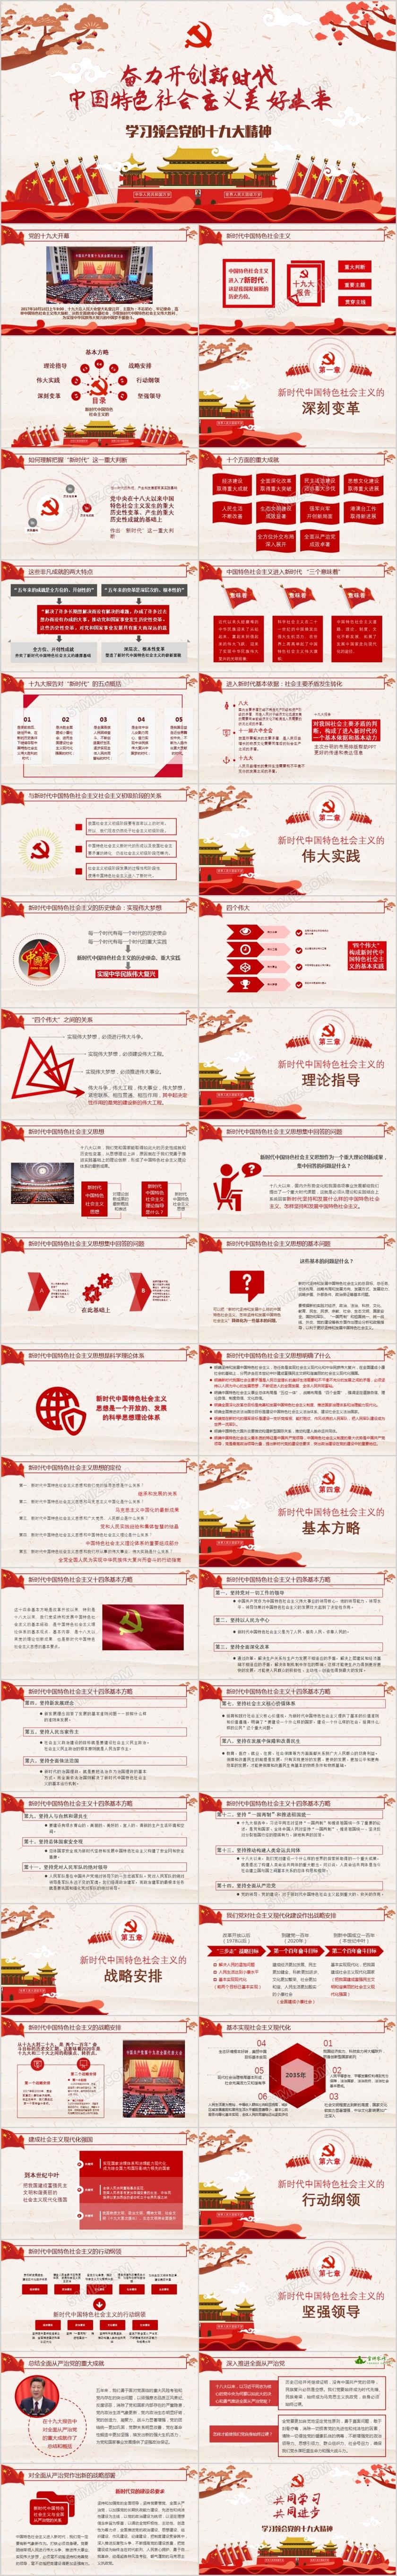 十九大精神解读奋力开创新时代中国社会主义美好未来党课PPT